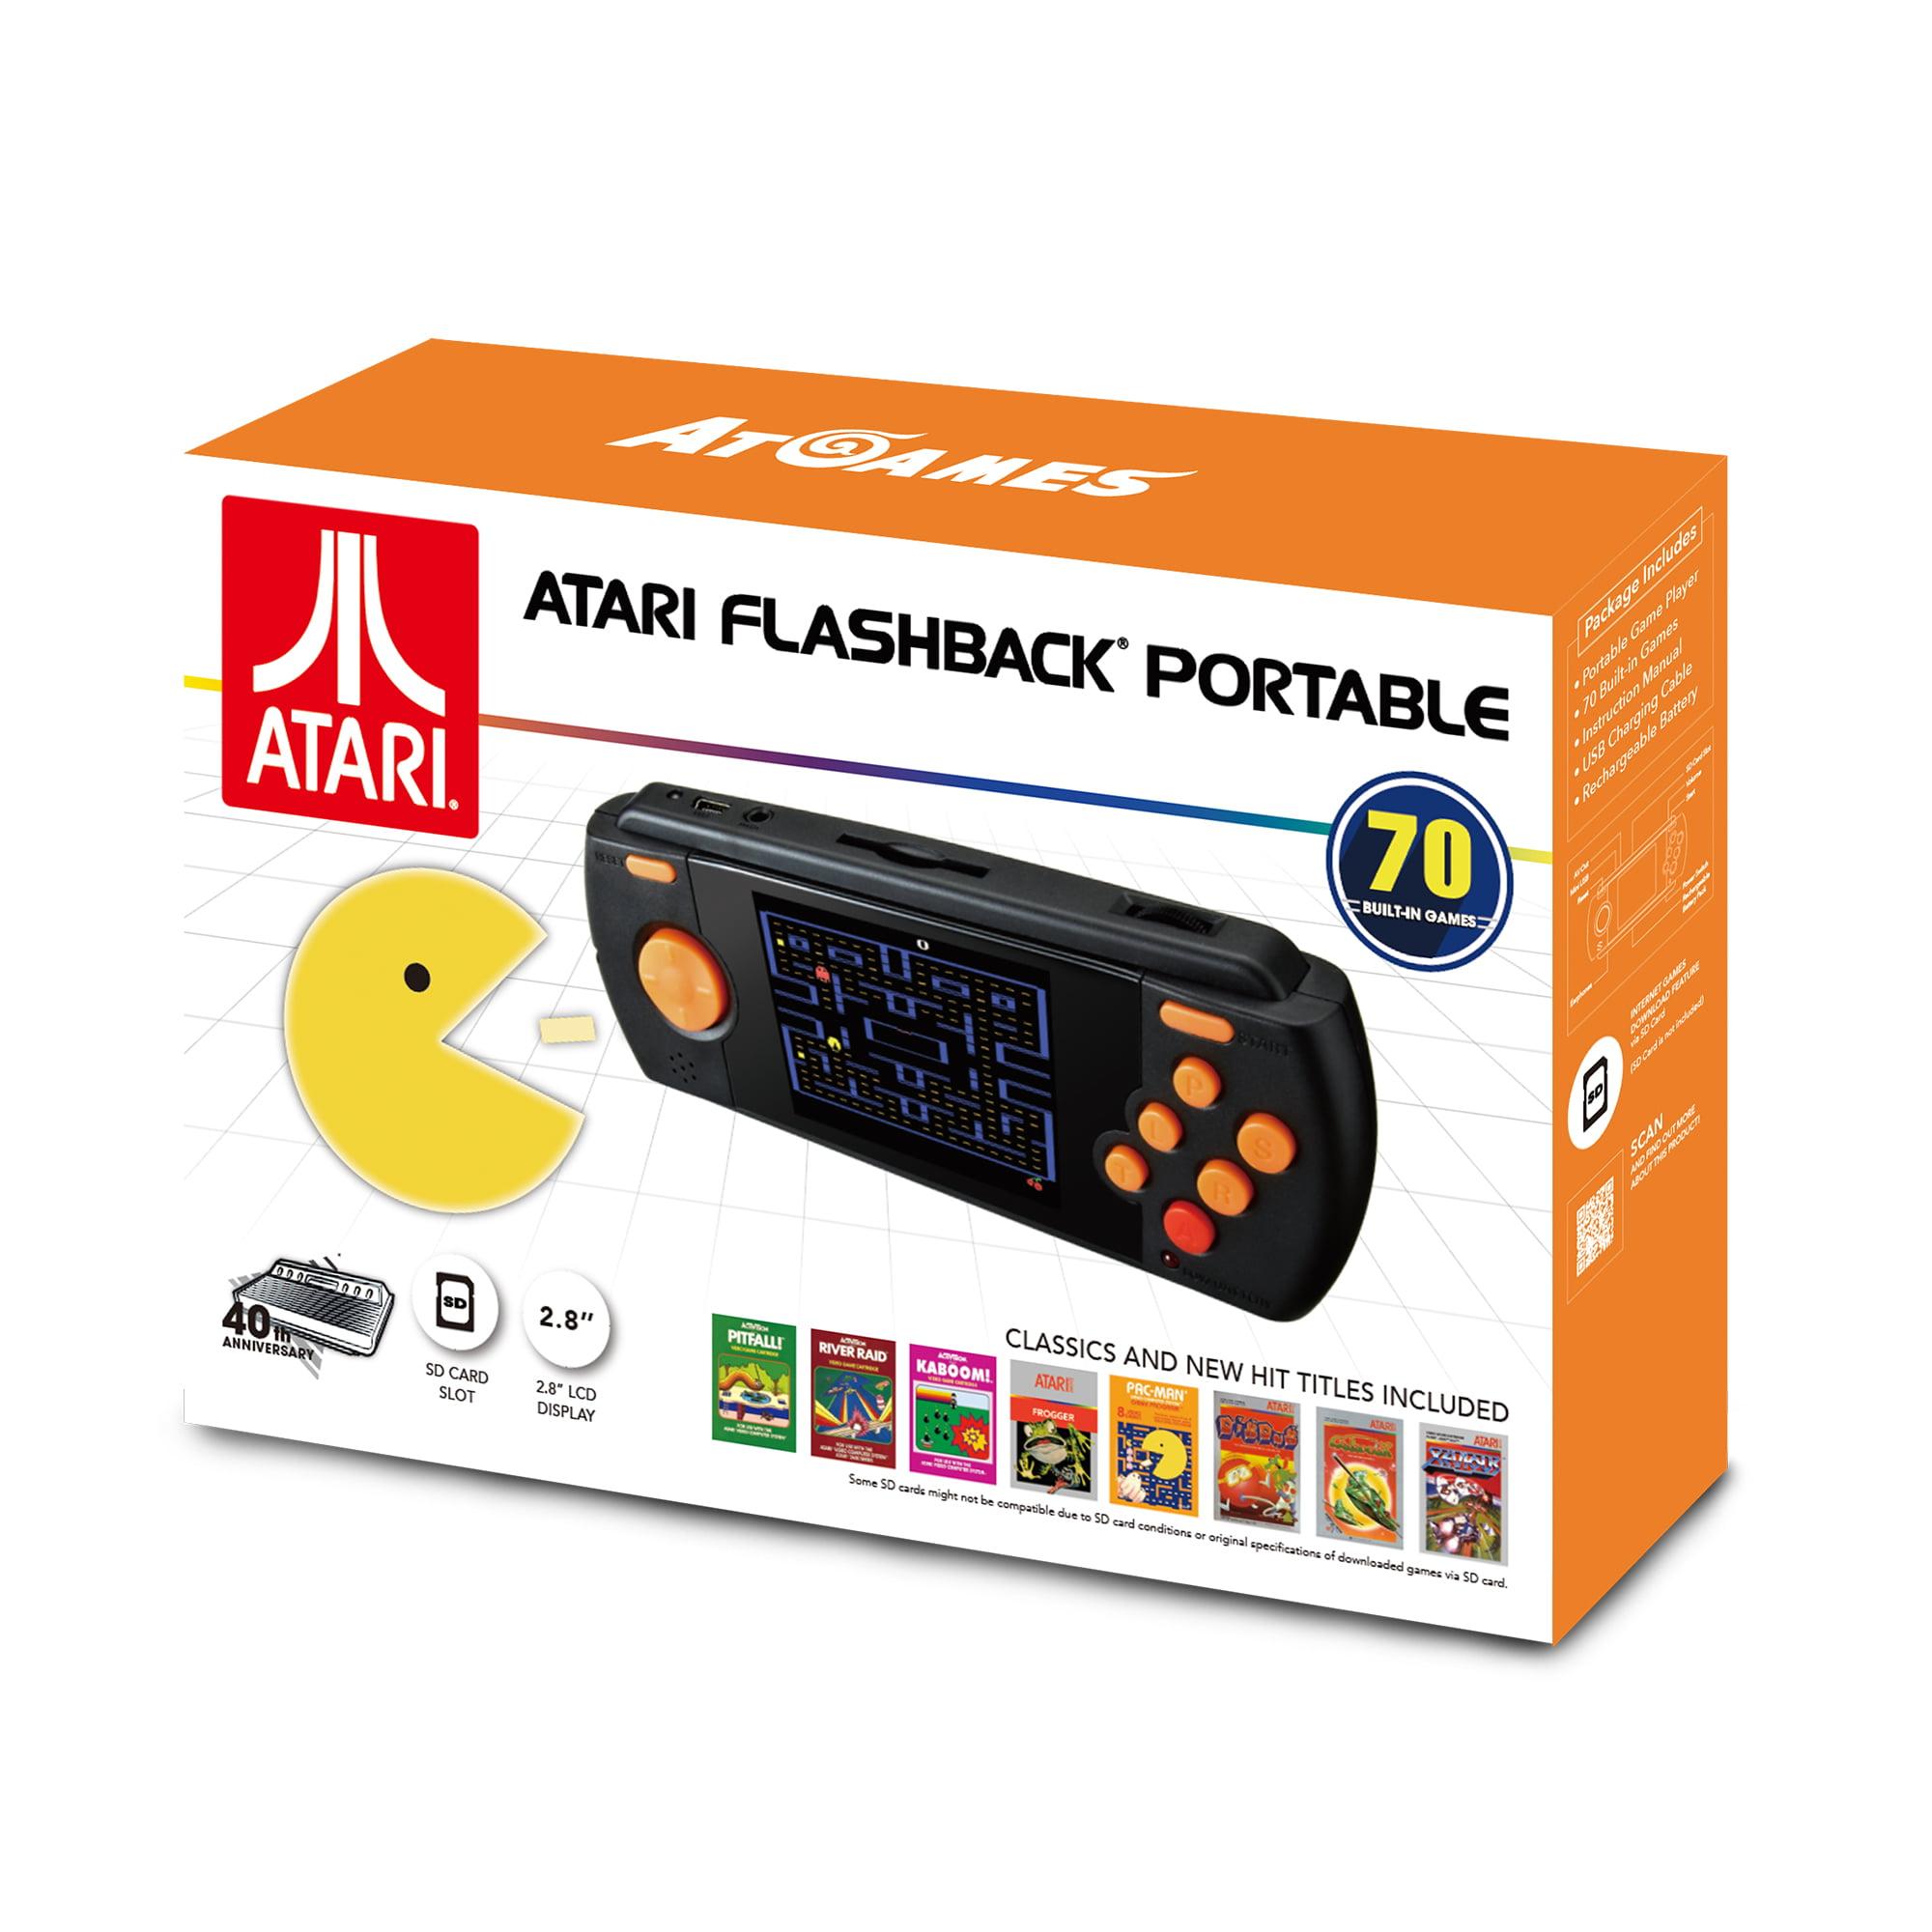 Atari Flashback Portable Game Player, Black, AP3228